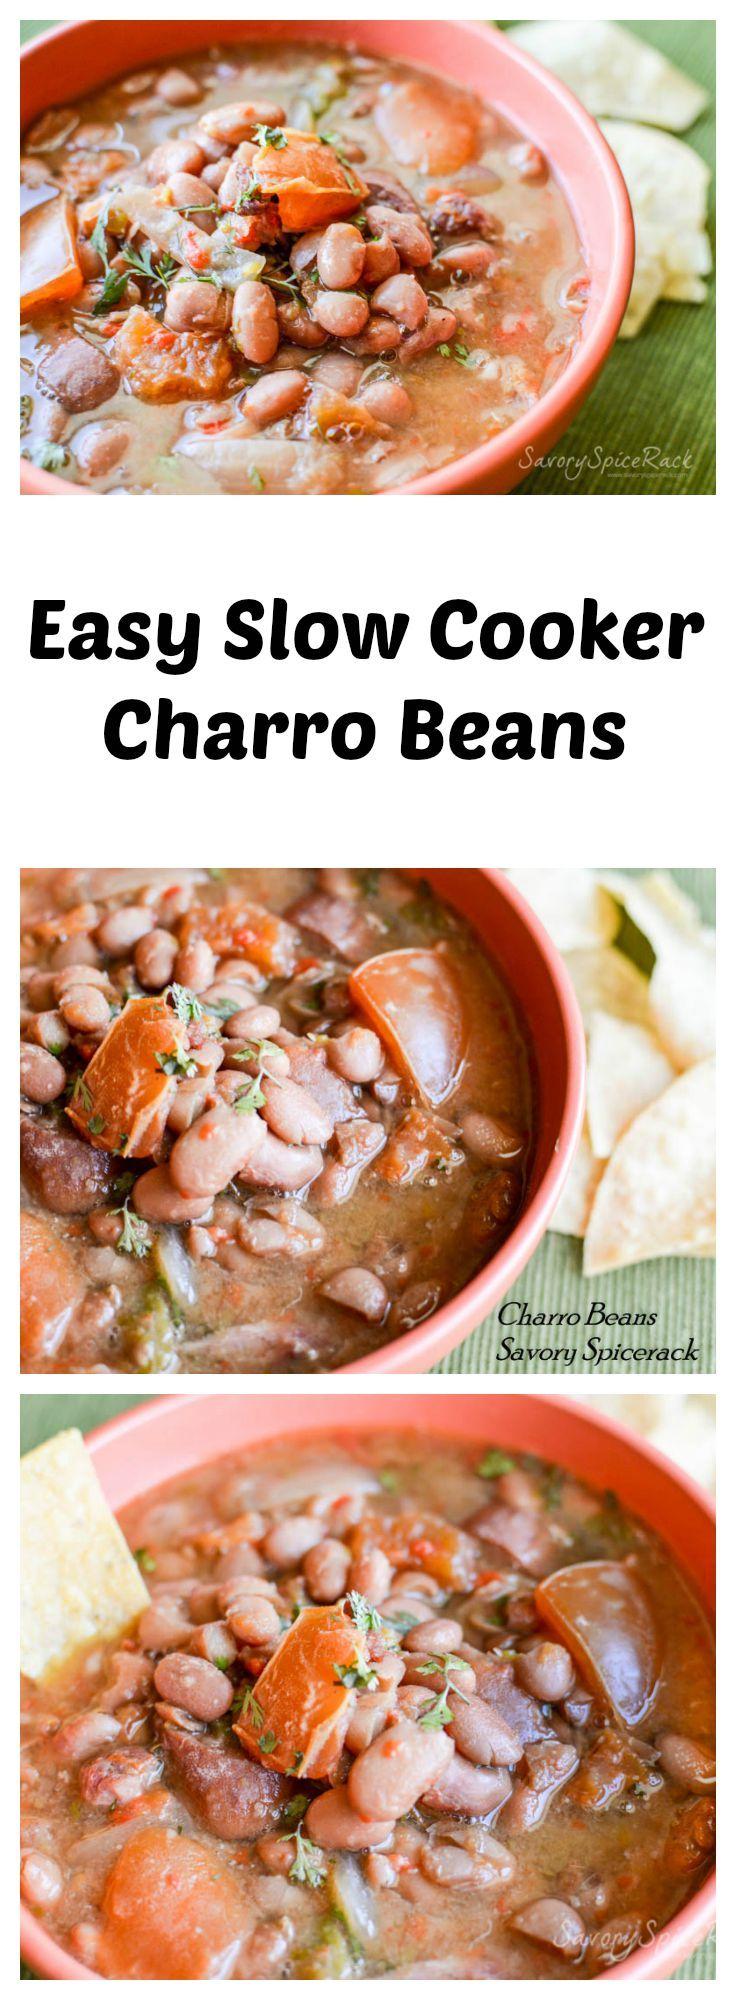 ... beans easy forward easy slow cooker charro beans easy slow cooker